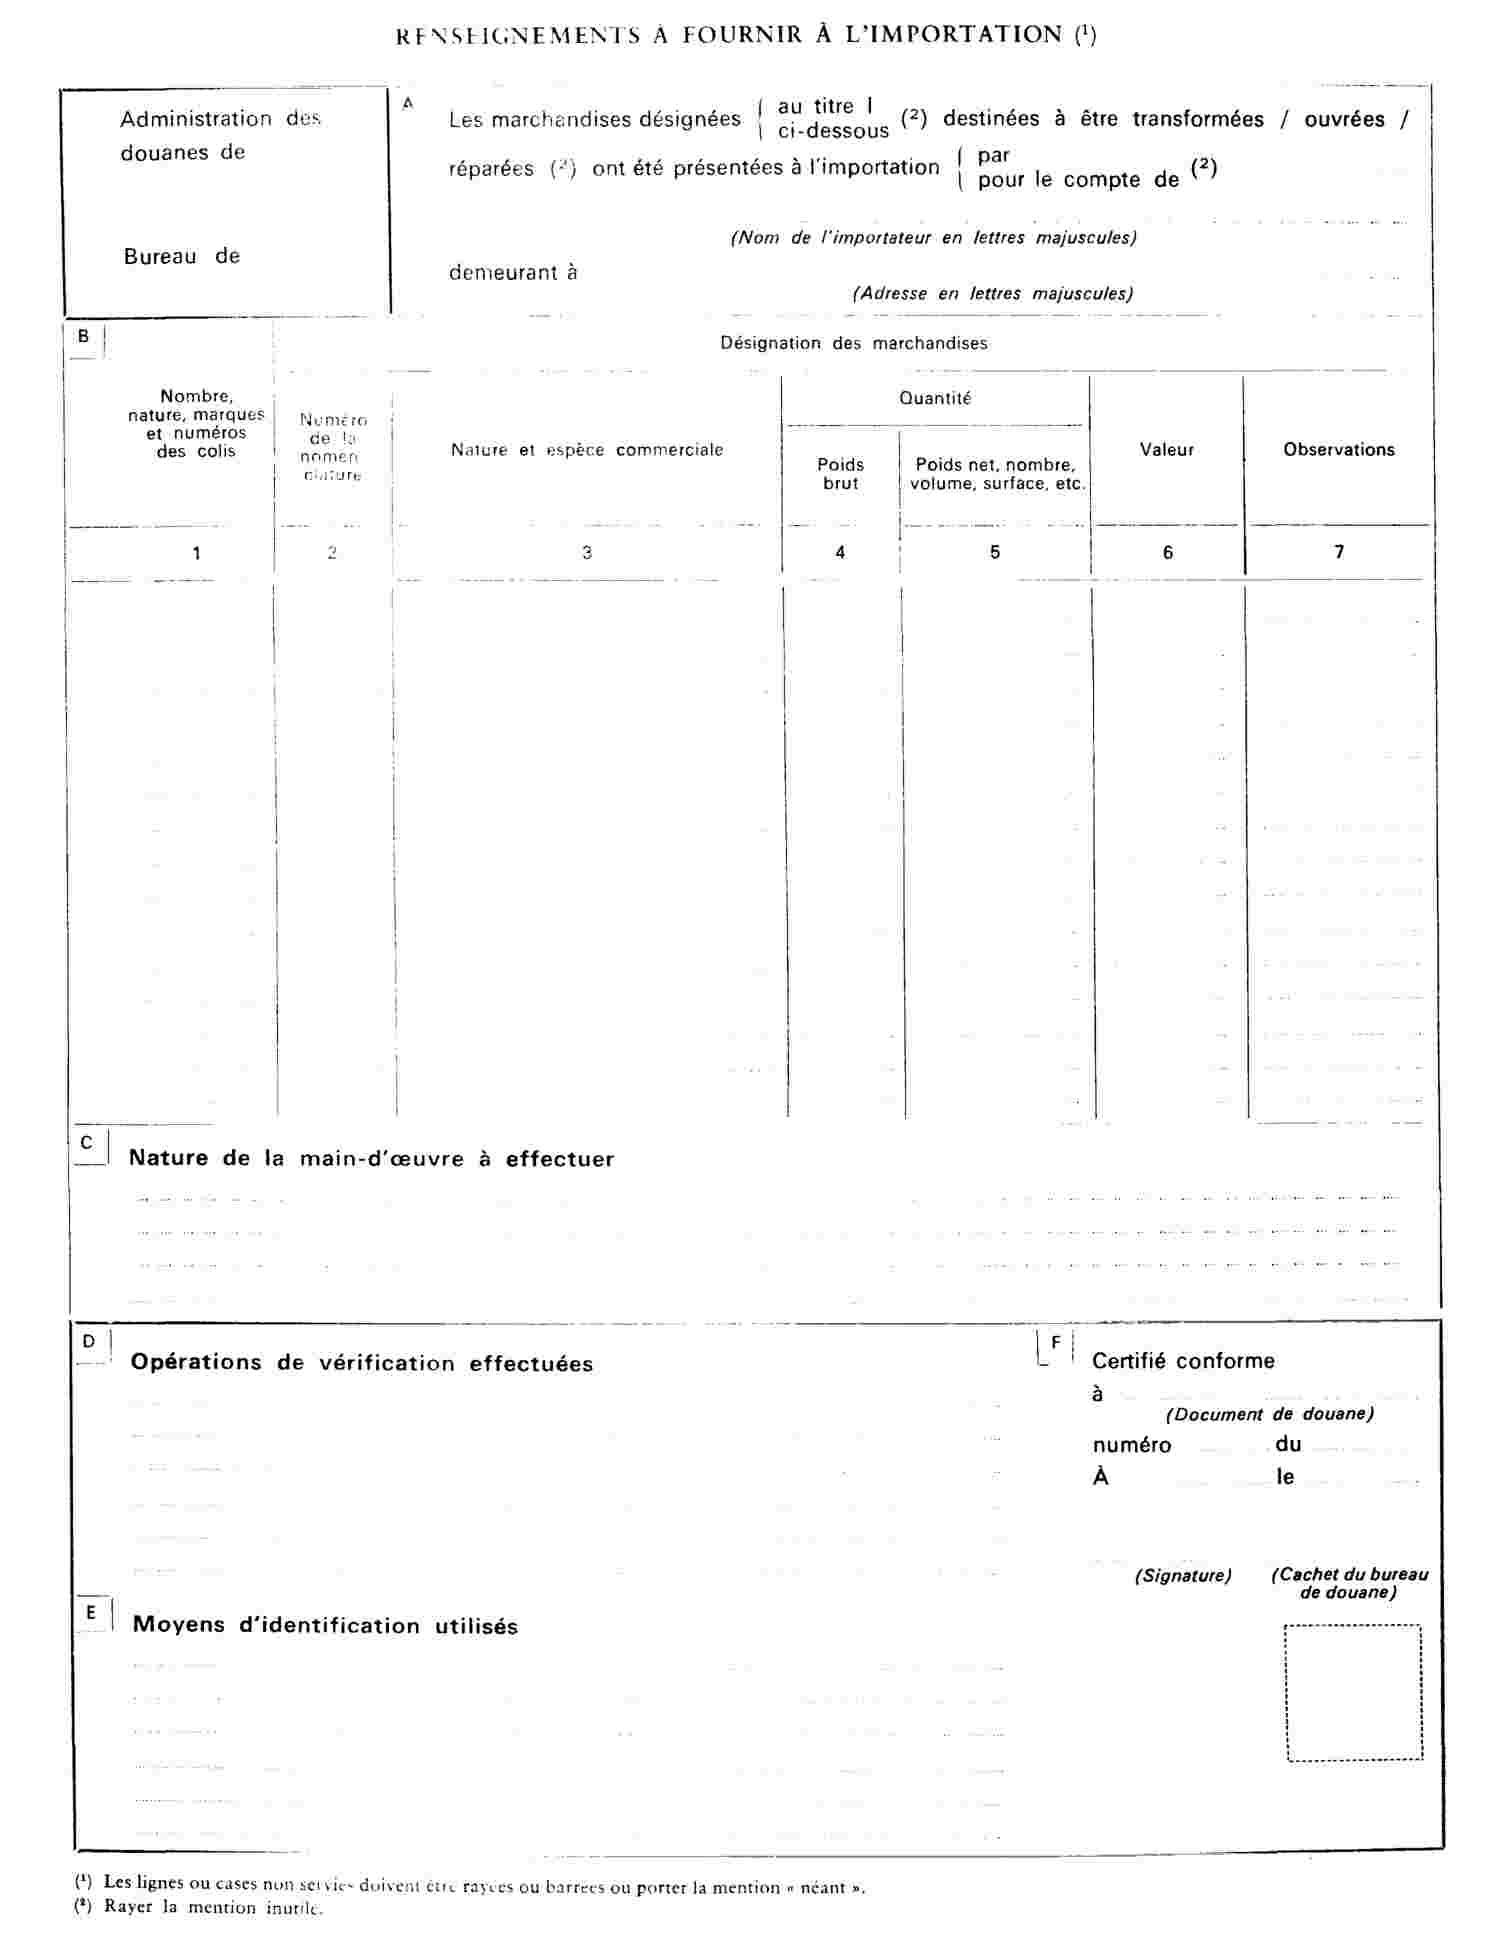 EUR-Lex - 31977D0415 - EN - EUR-Lex